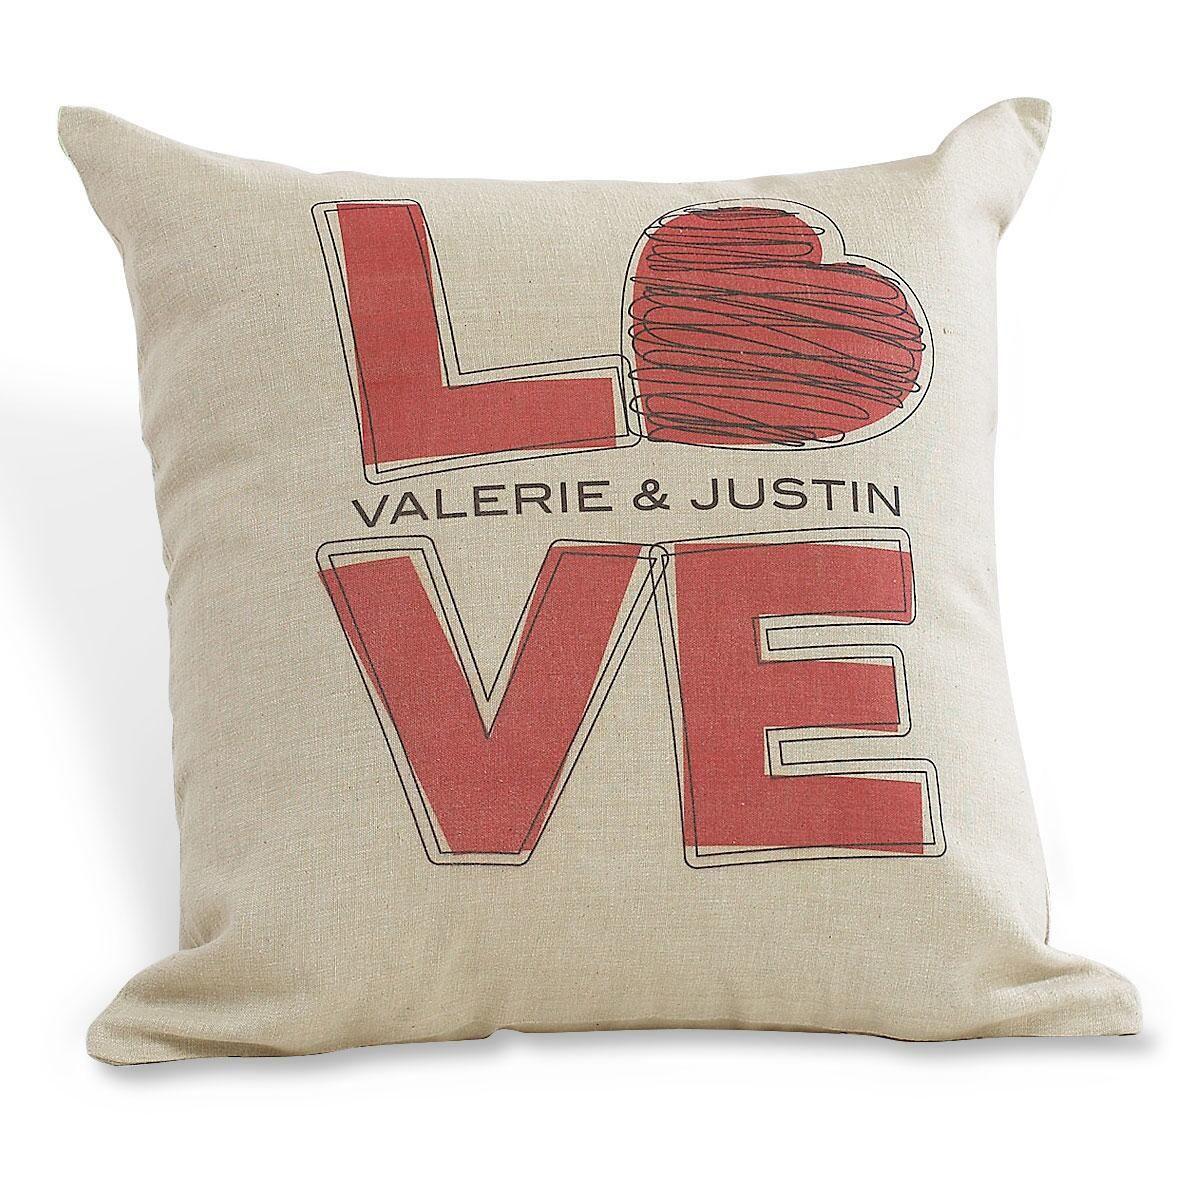 L-O-V-E Personalized Burlap Pillow